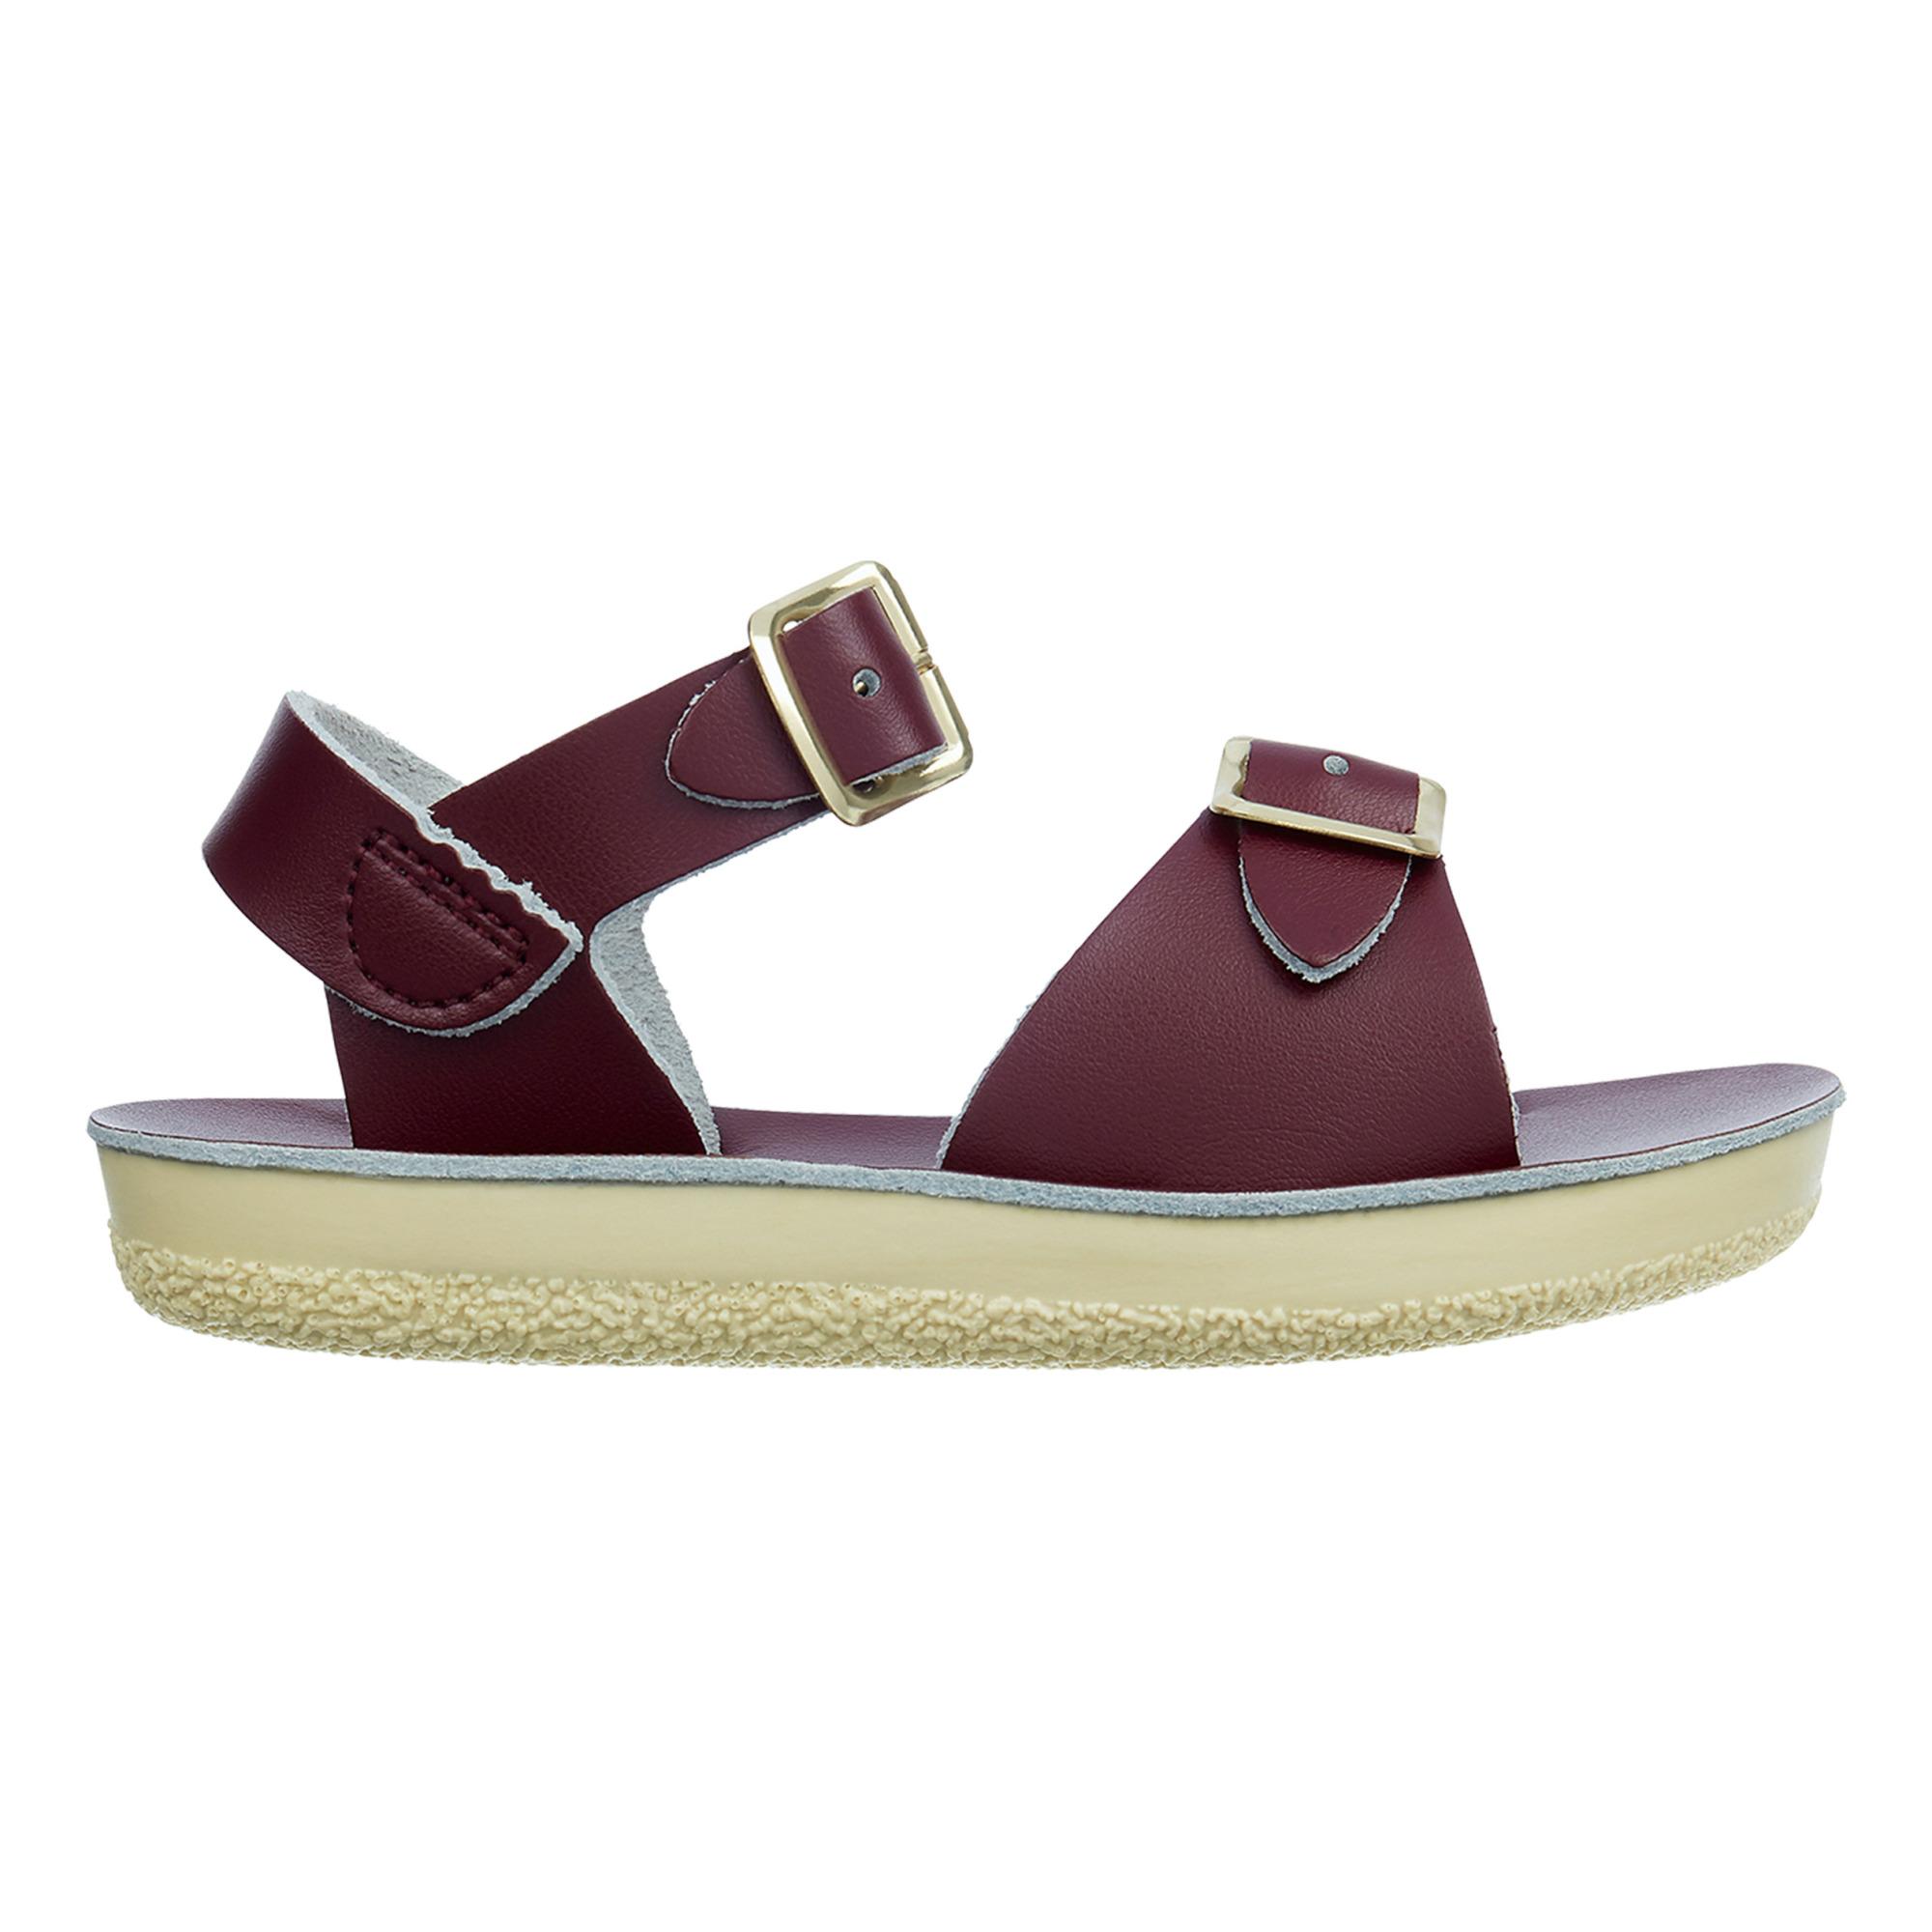 Style 4400 Salt Water SandalsStyle 4400 K Enfant B/éb/é gar/çon Mixte Enfant